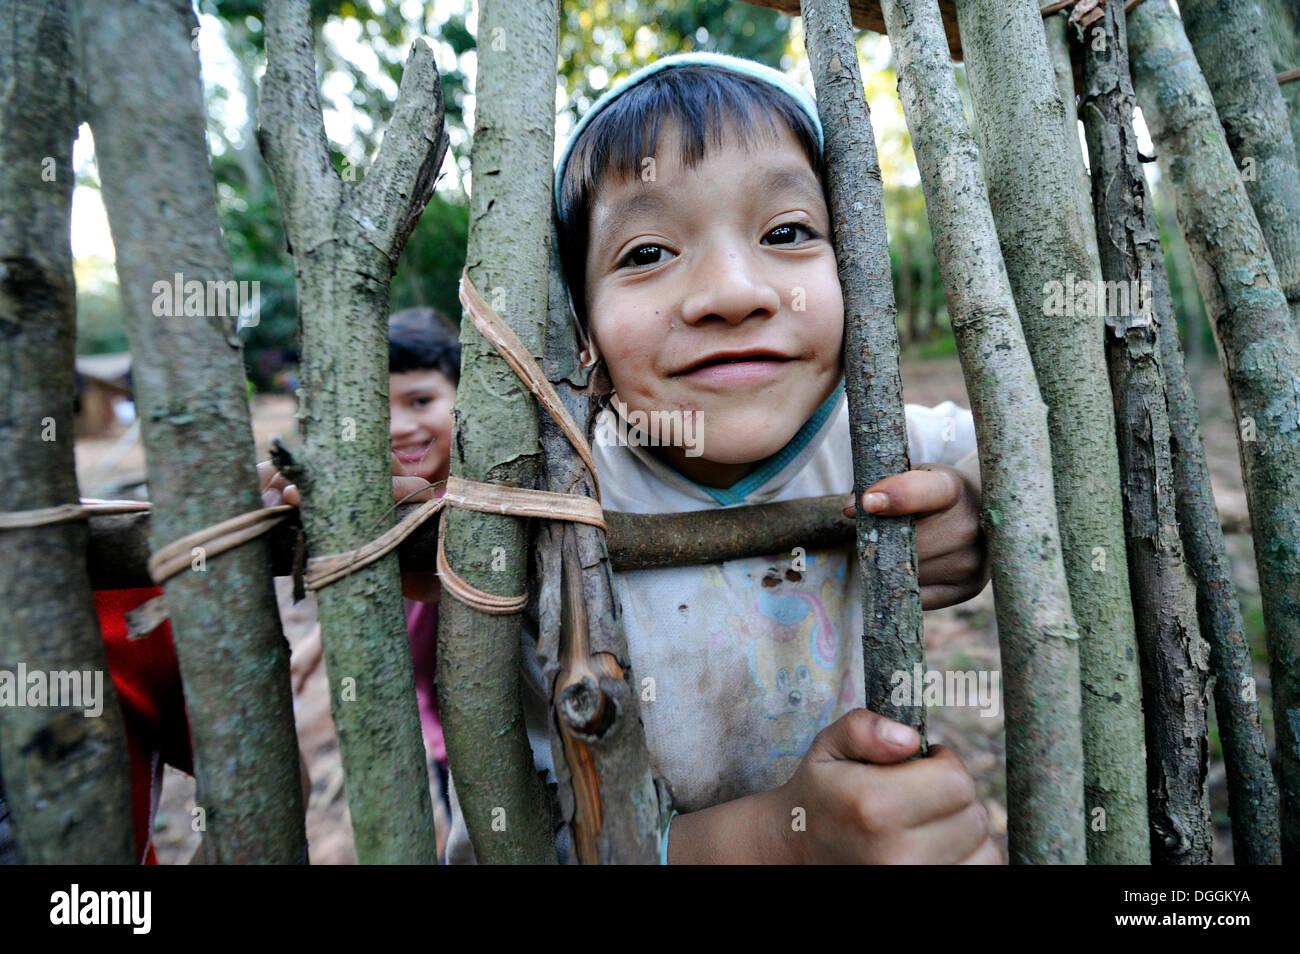 Cheeky boy, 6, mirando a través de un hueco en un muro, en la comunidad de indios, Campito Mbya-Guarani, departamento de Caaguazú Imagen De Stock